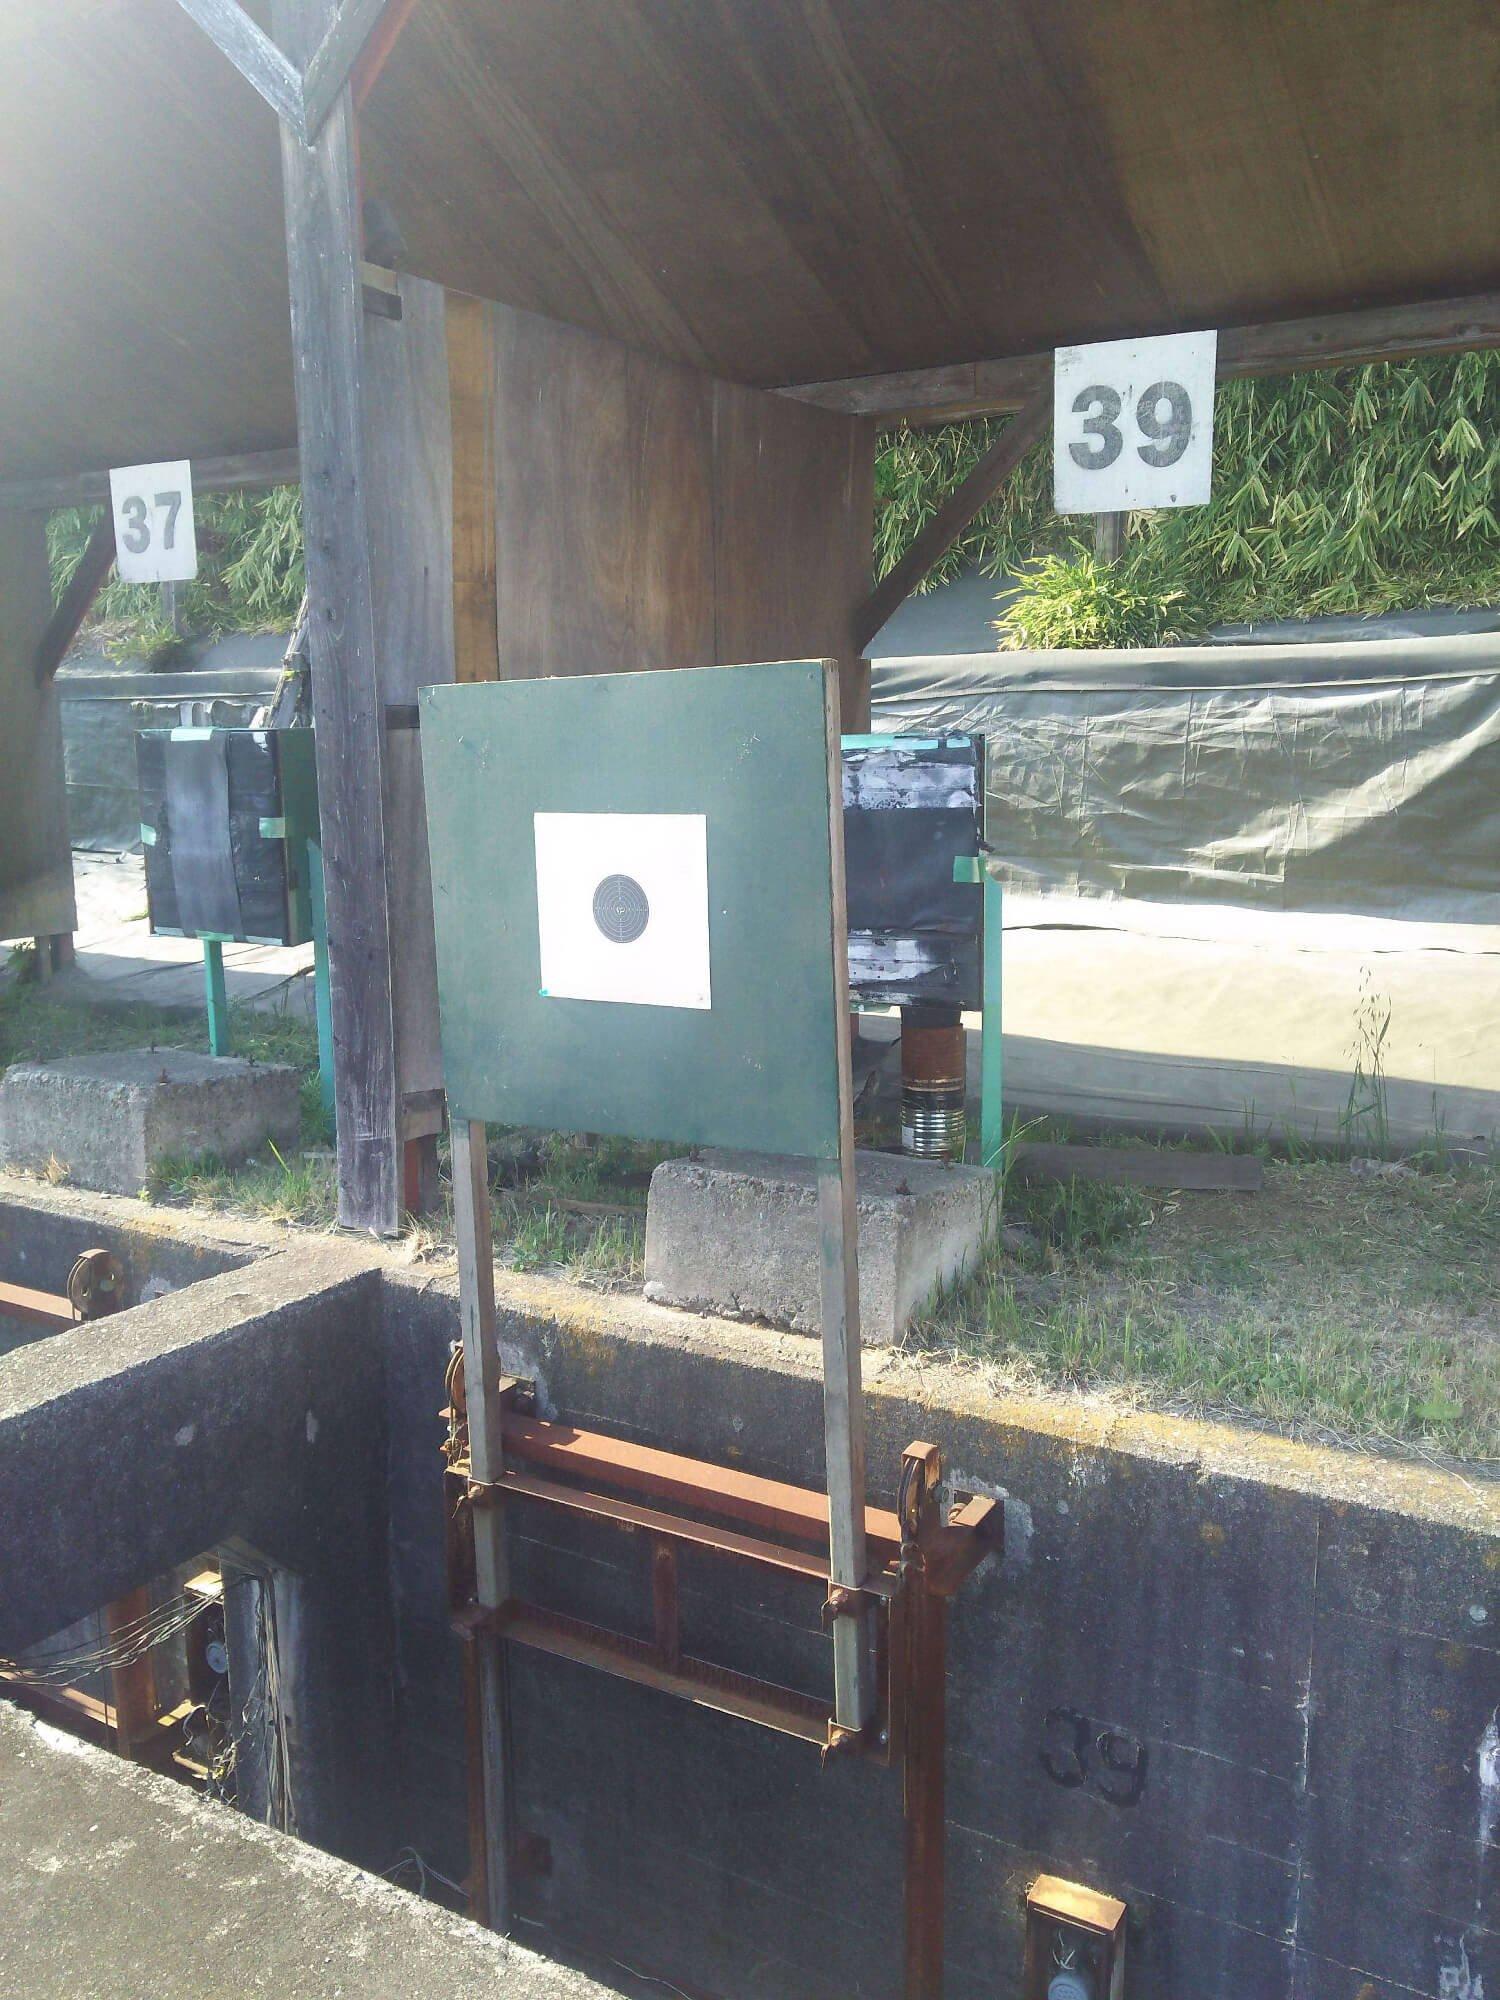 撮影時のライフル標的は着弾位置がパソコンに転送される電子標的だが、前大会ではこの下で待機する自衛隊員が標的を一枚ずつ取り替えた。高温多湿の日本で伸び縮みしない標的用紙開発にも腐心。(写真提供:諏江寛憲氏)。